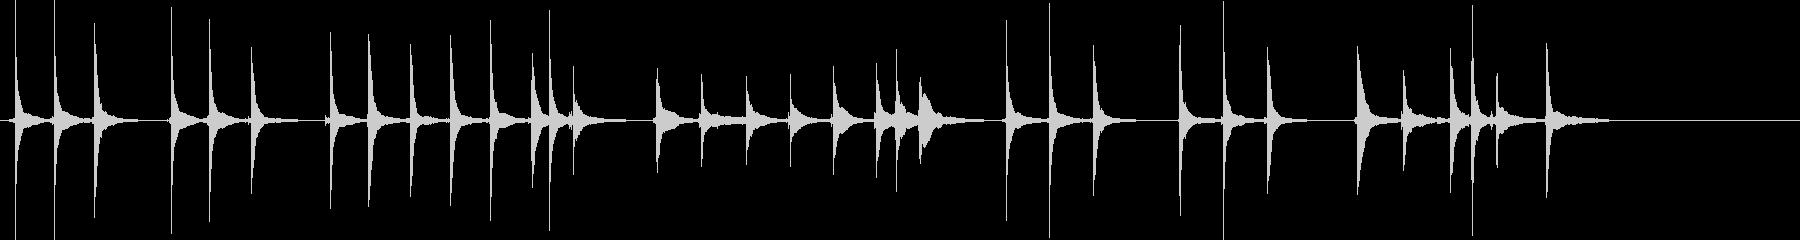 三味線203さくらさくら2古曲日本のうたの未再生の波形